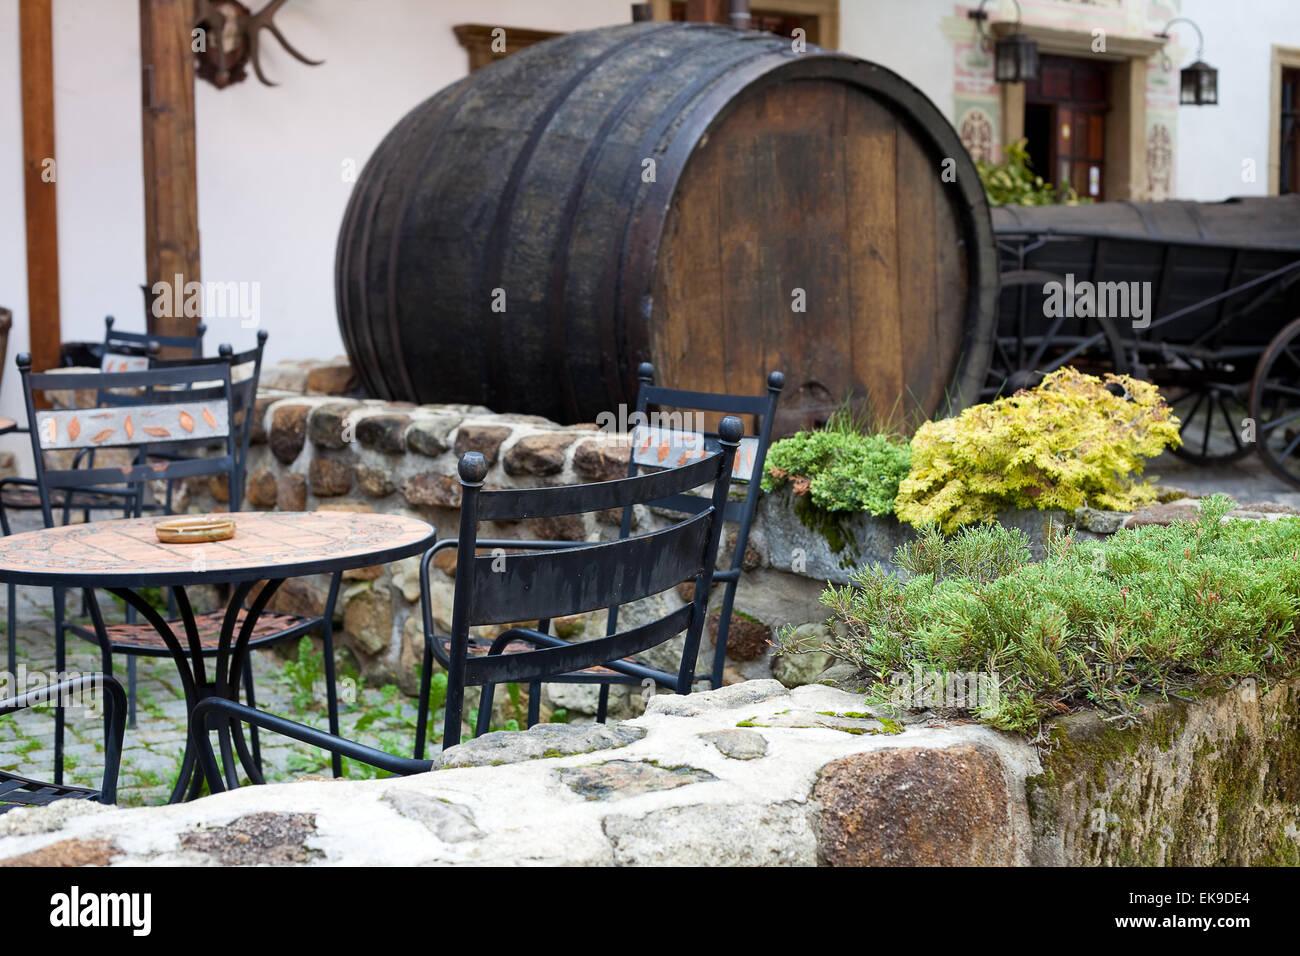 Schmiedeeisen Möbel-Café und ein großes Bierfass Stockfoto, Bild ...